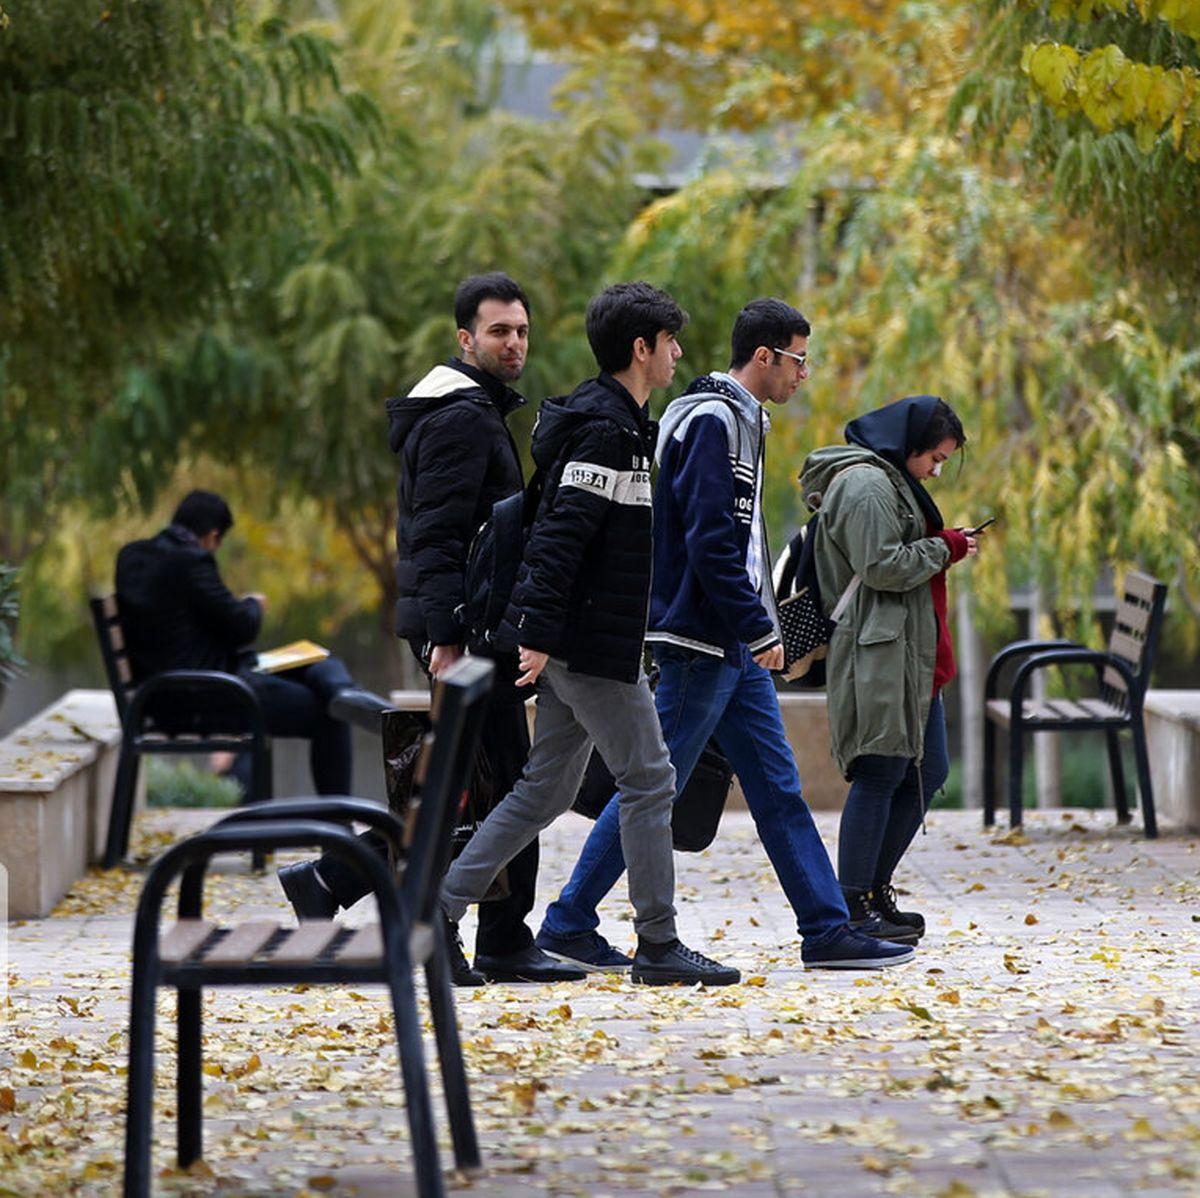 تصمیم جدید درباره بازگشایی دانشگاهها